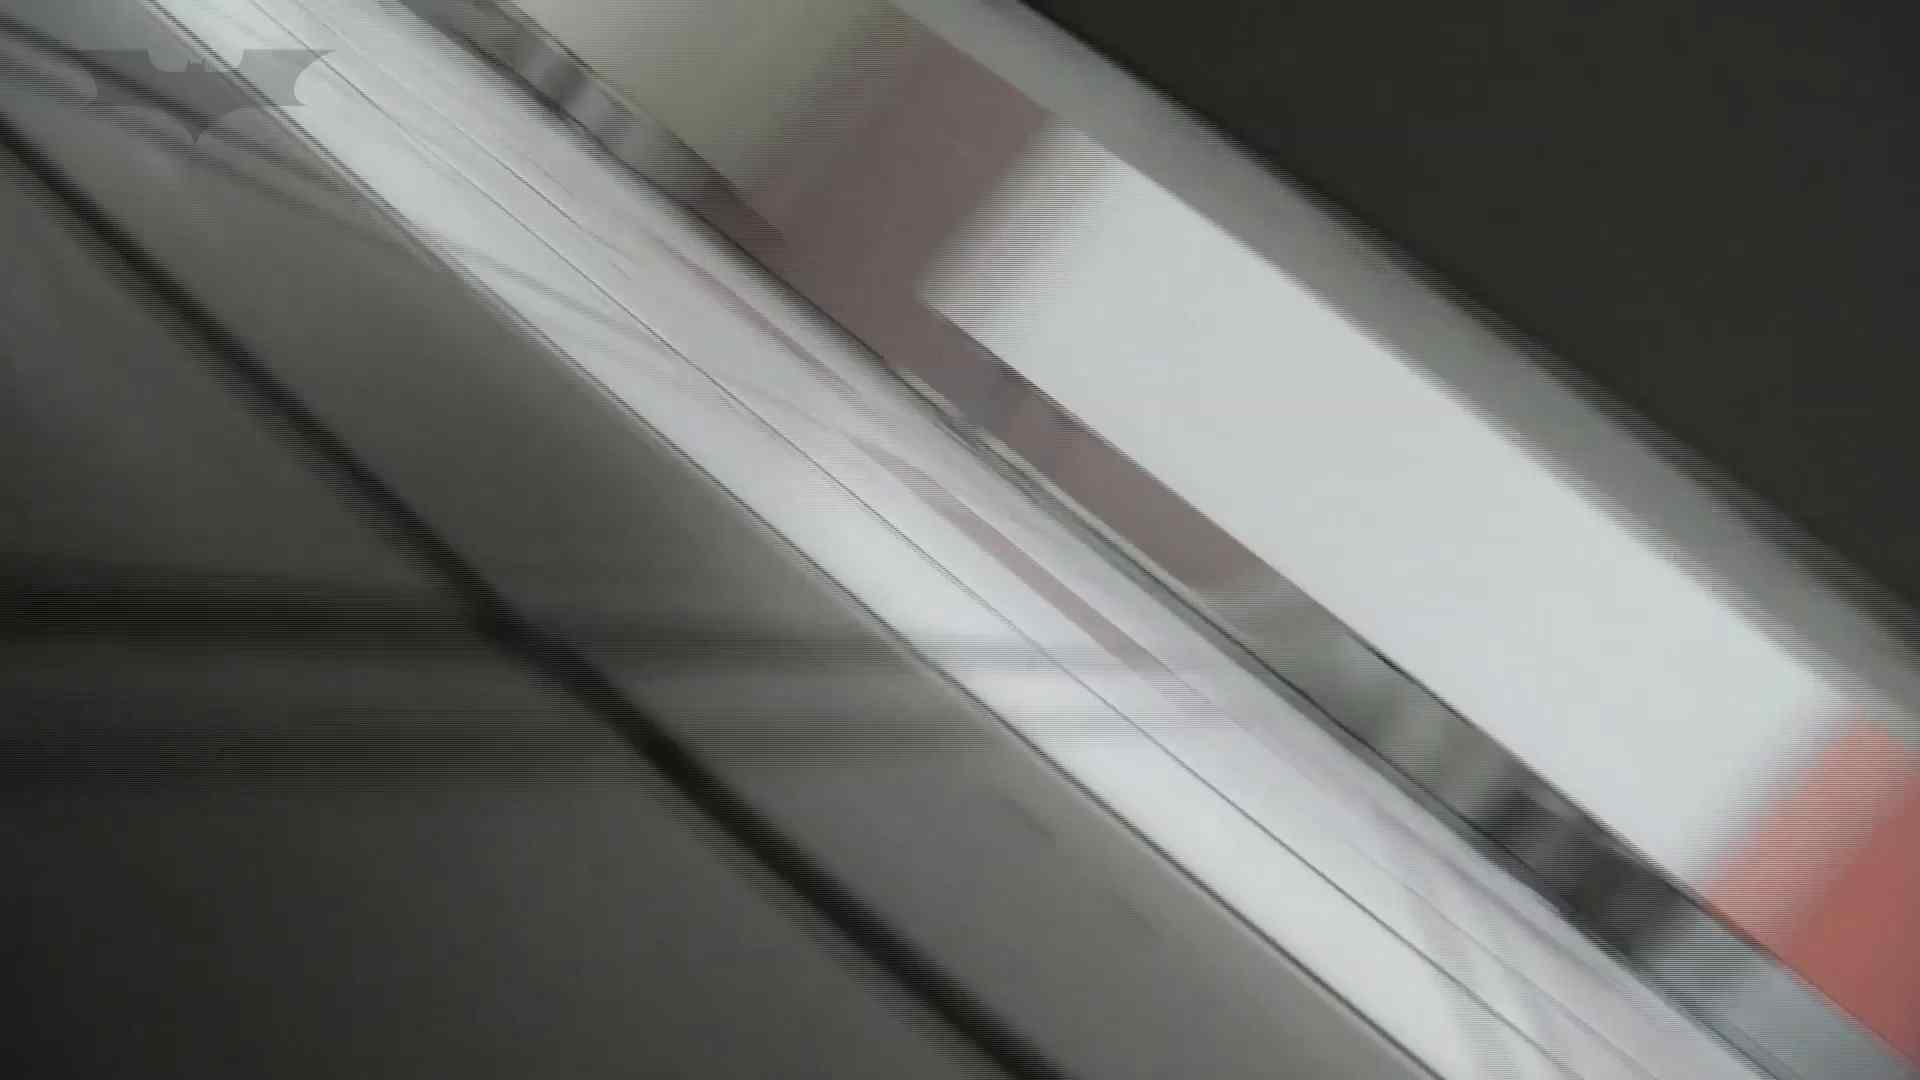 美しい日本の未来 No.31 新しいアングルに挑戦 ギャル・コレクション | 盗撮エロすぎ  20連発 15